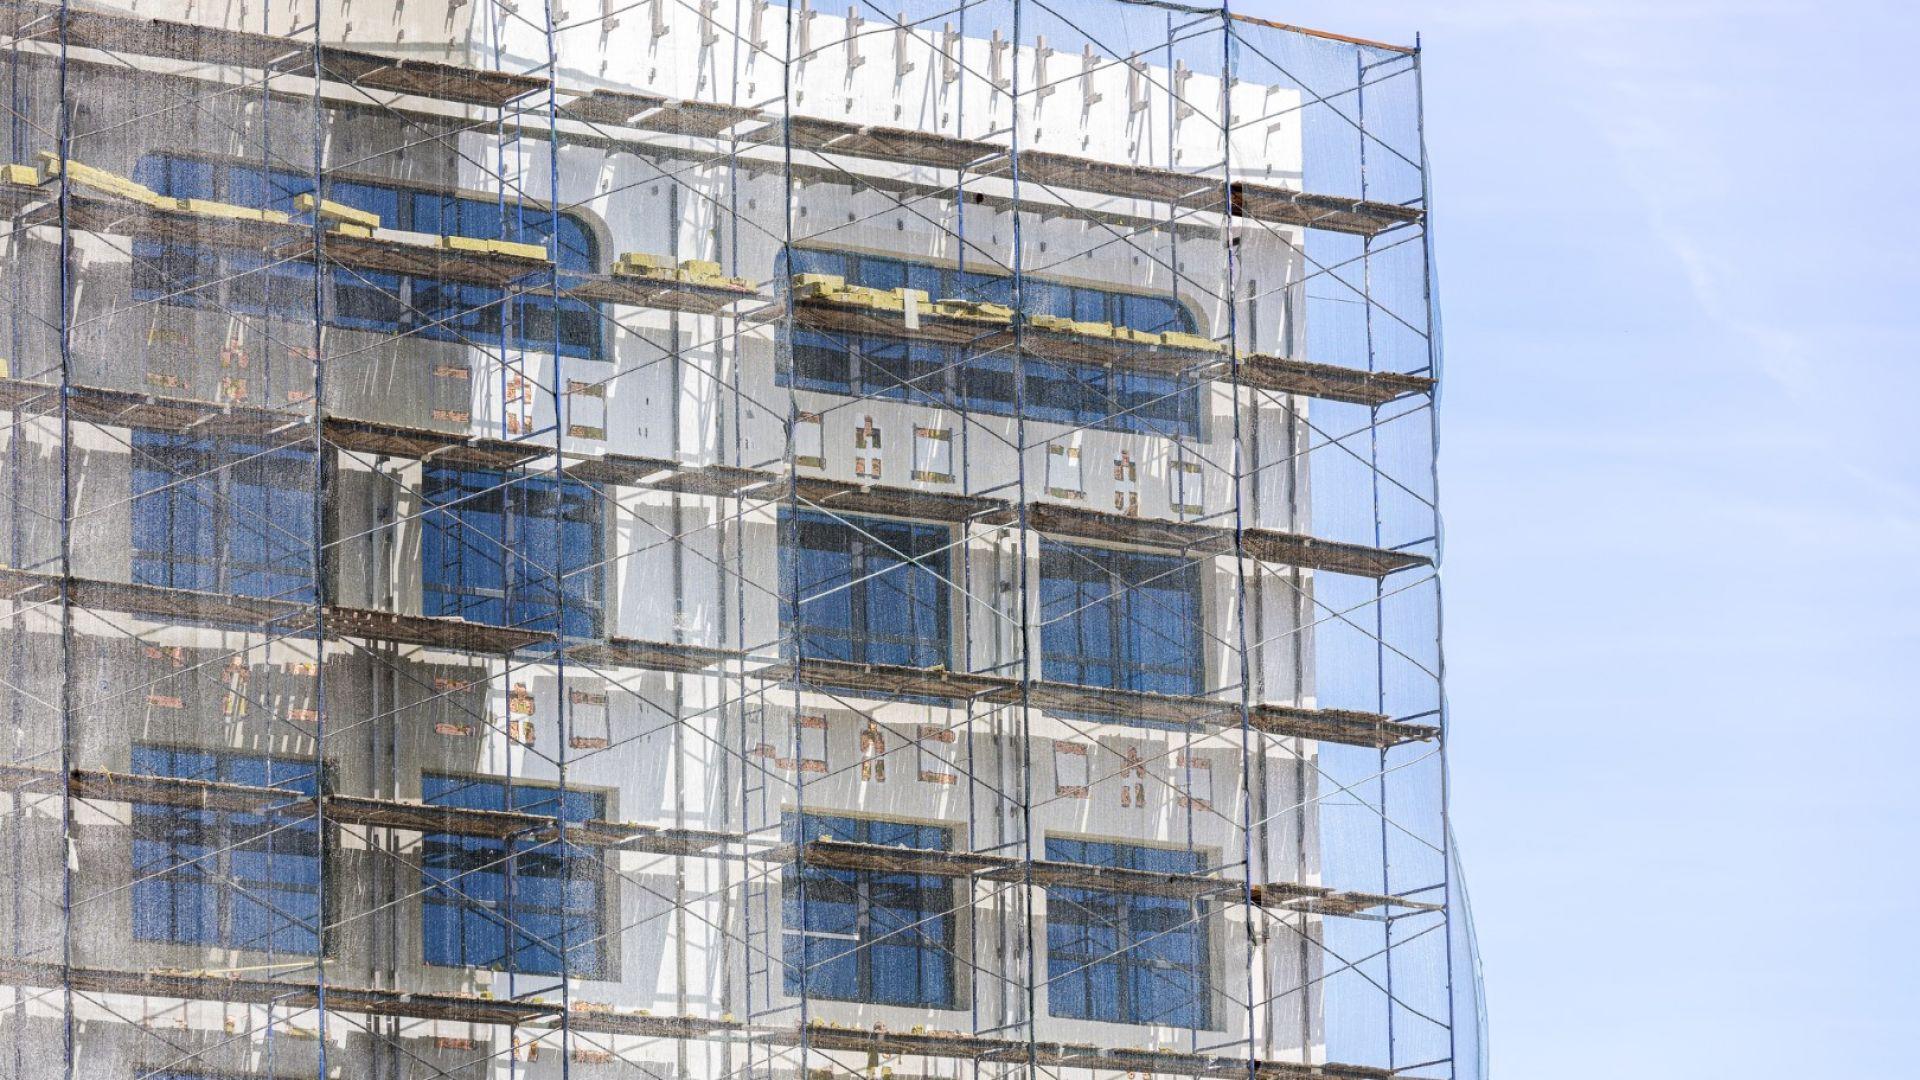 Ще има нови 3 млрд. лева за саниране на сградите